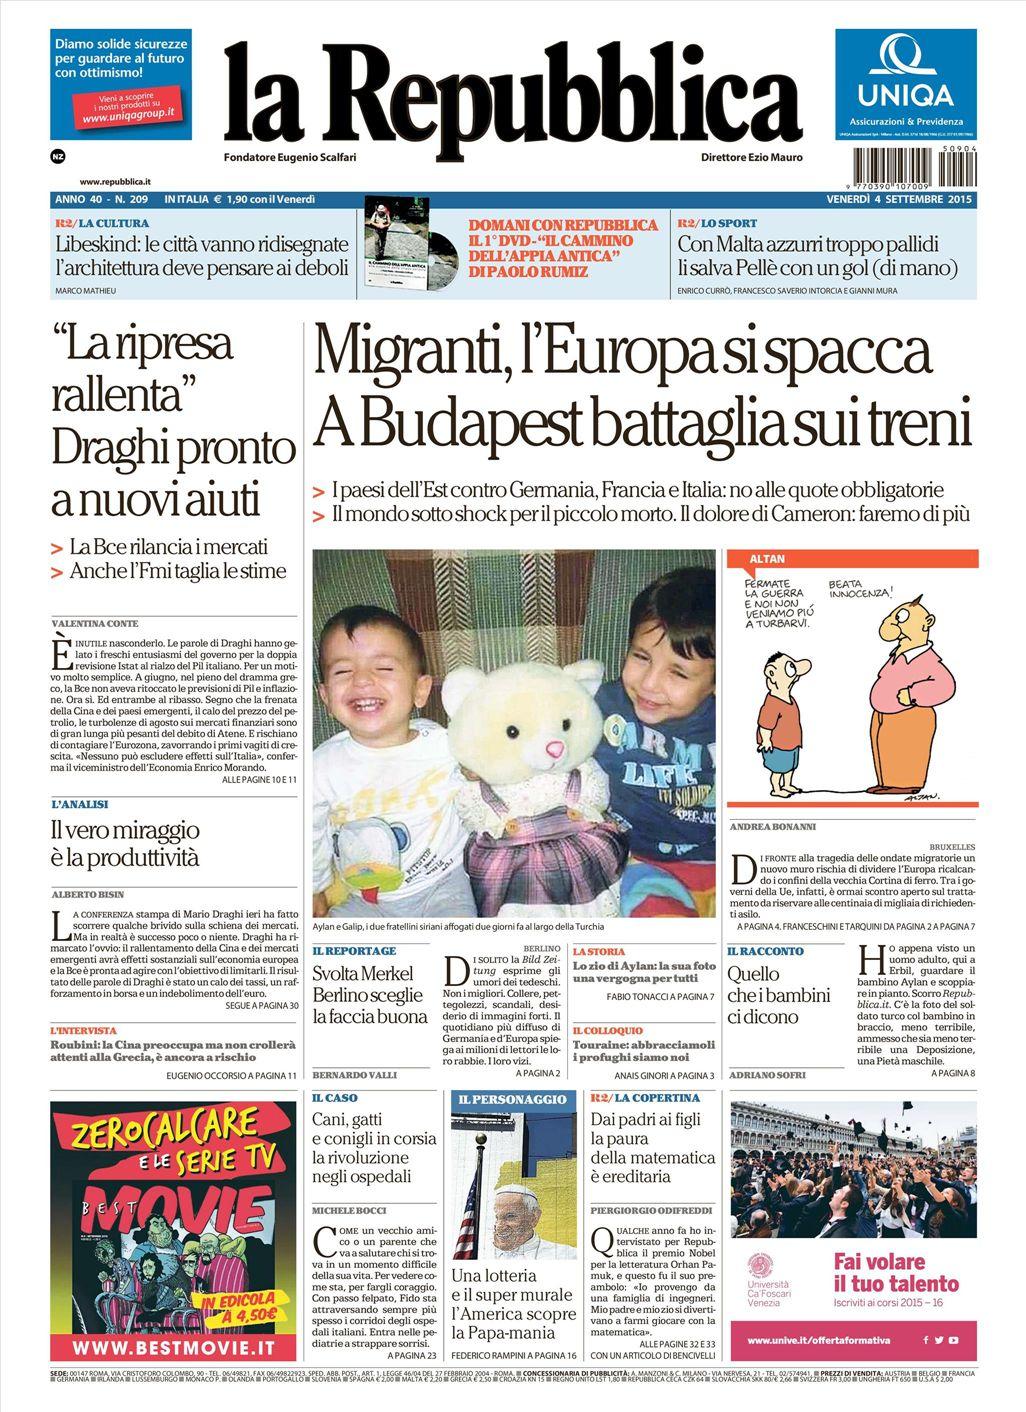 La Repubblica It Nel 2019: Le Prime Pagine Dei Quotidiani Che Sono In Edicola Oggi 4